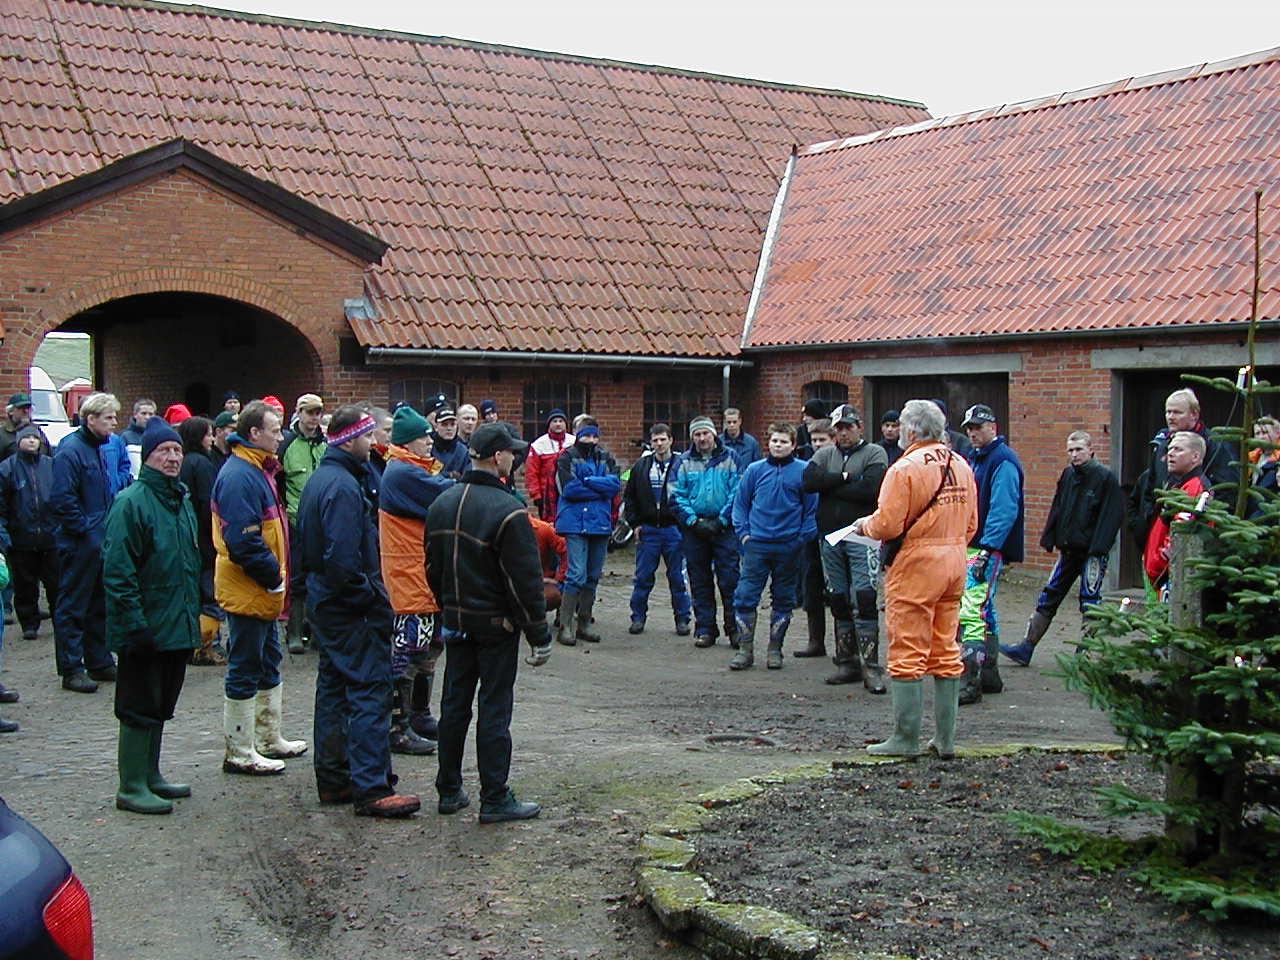 Niels holder instruktion på Carls gårdsplads img2.